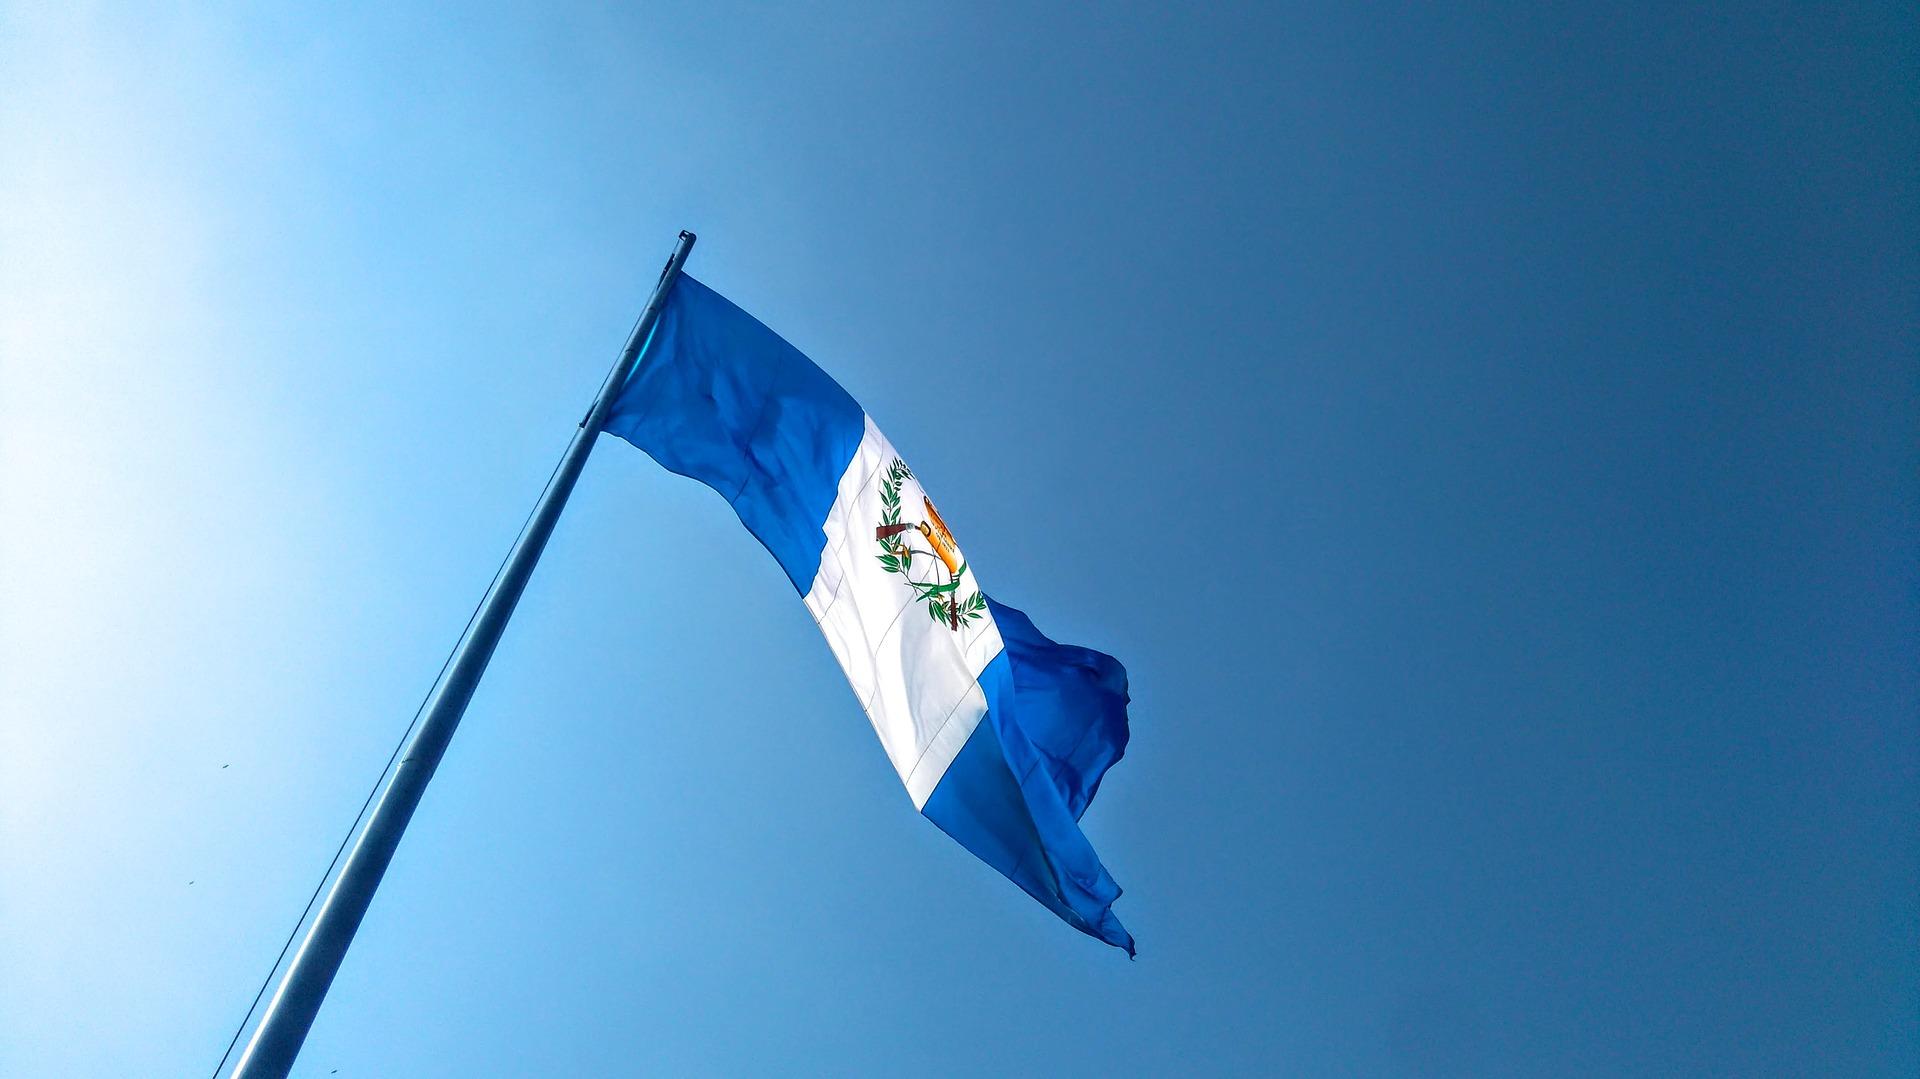 flag-1919466_1920.jpg